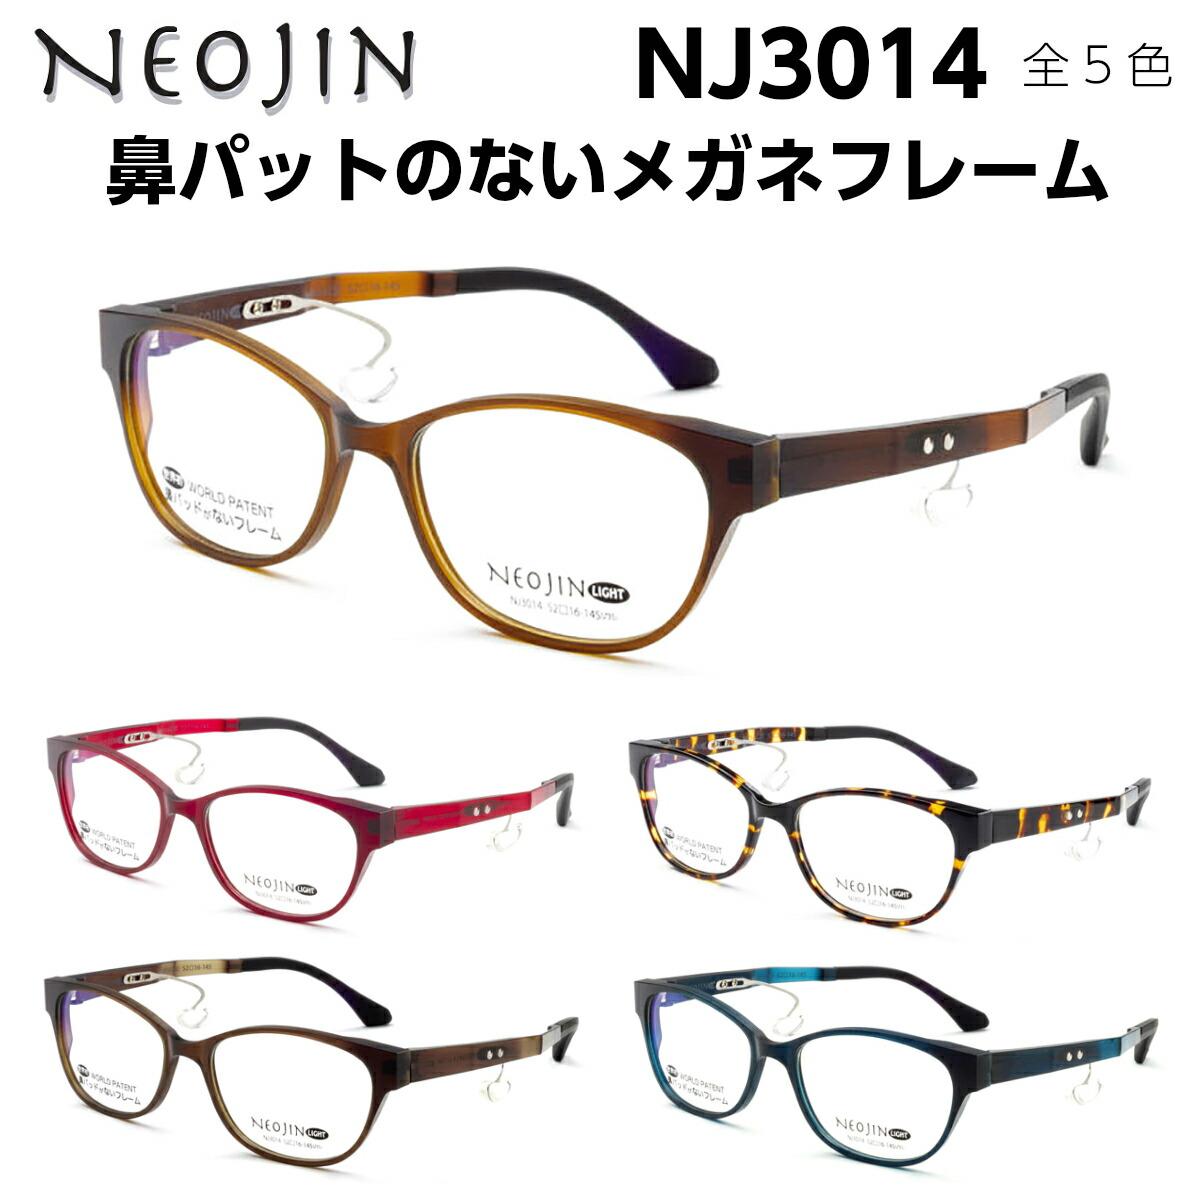 NEOJIN ネオジン 鼻パットがないメガネ NJ3014 全5色 neojin メンズ レディース ユニセックス パットがない 化粧が落ちない 跡 なし 形状記憶 ウルテム めがね 眼鏡 メガネ 度付き対応 おしゃれ